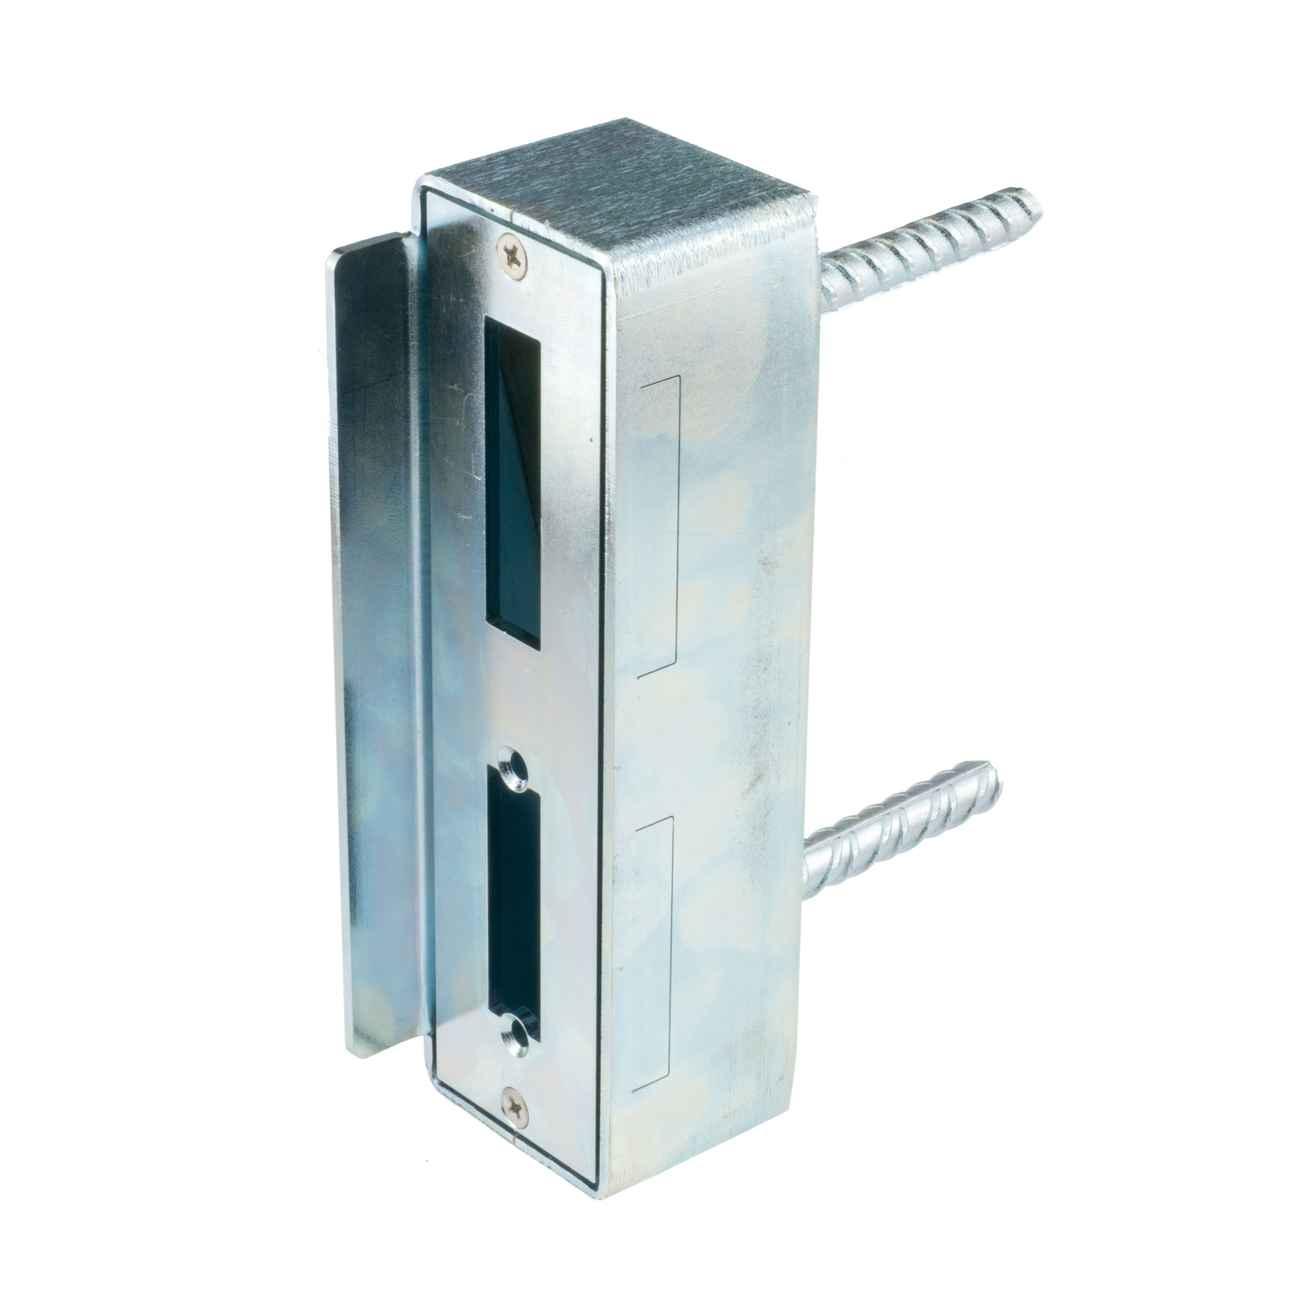 Wandgegenkasten für Metalltore mit 50mm Rohr Gegenschlosskasten – Bild 1